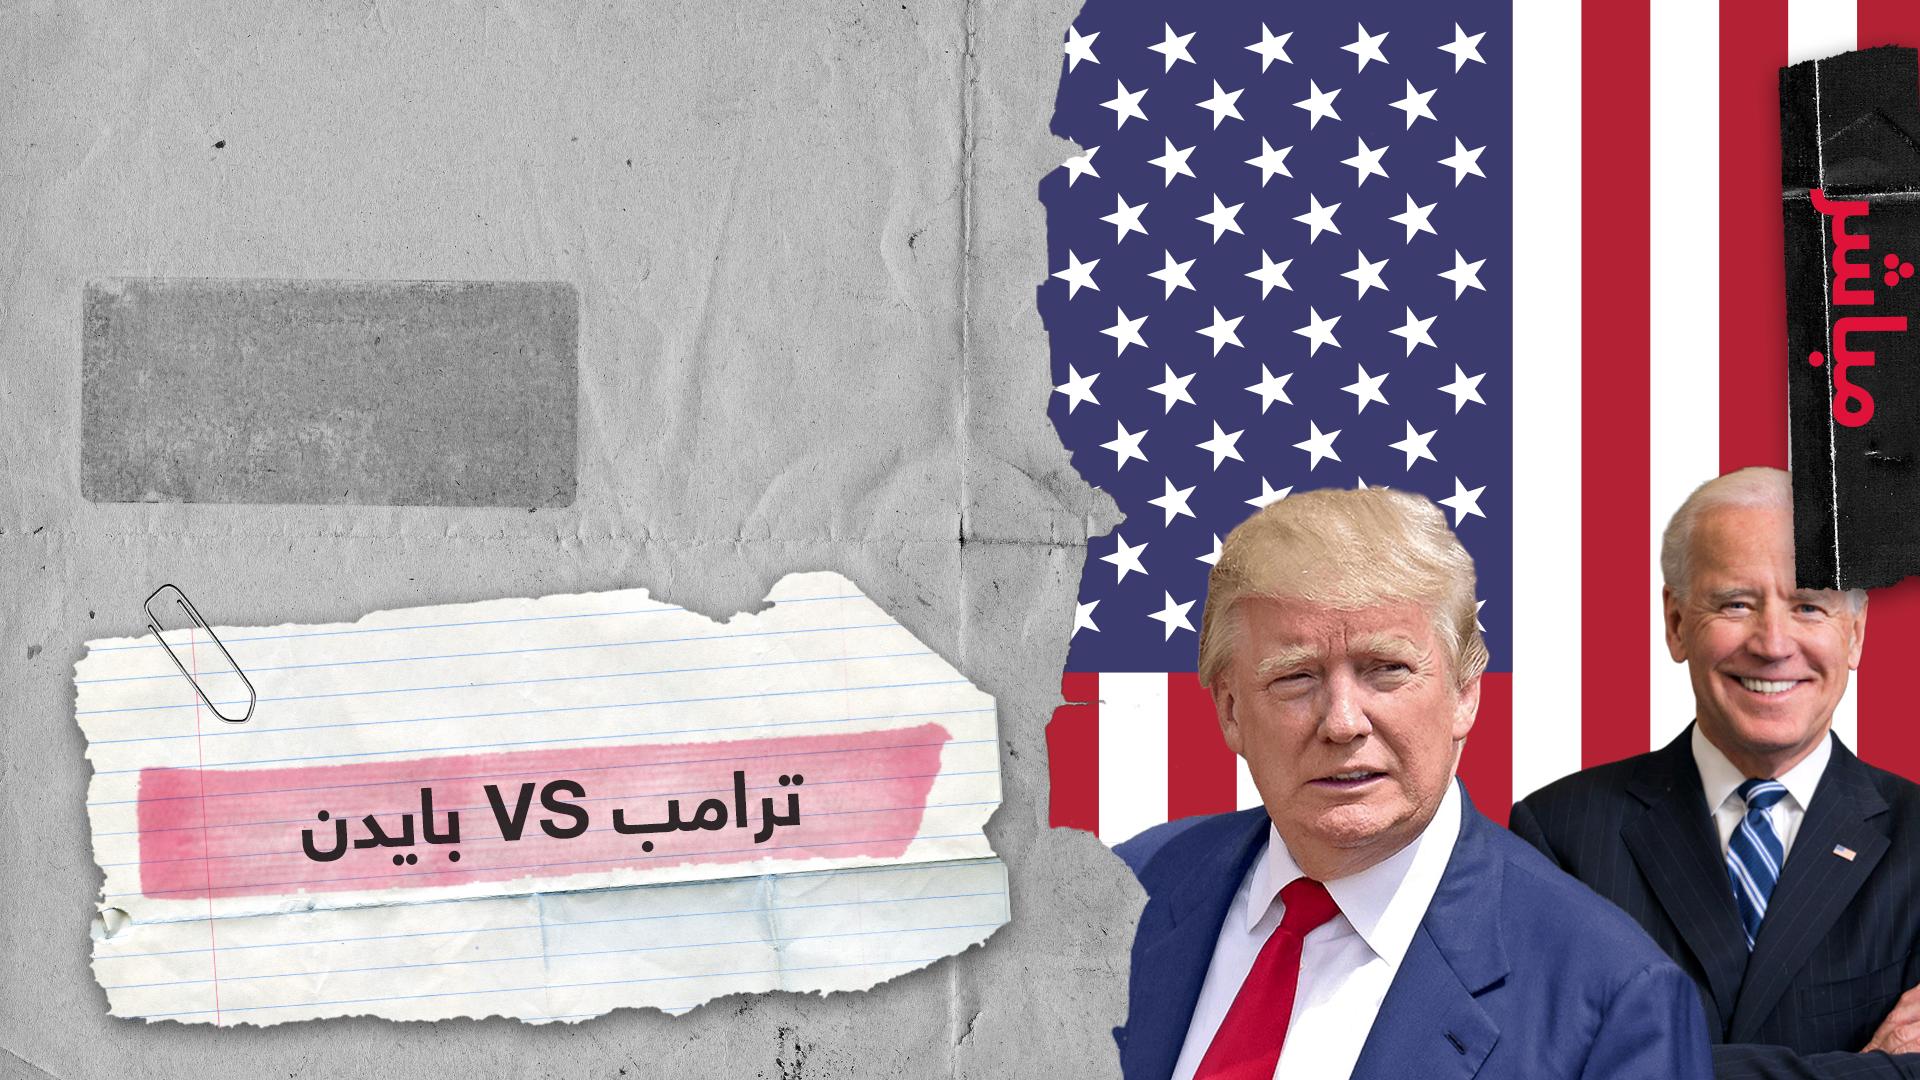 الانتخابات الأمريكية على الأبواب وجو بايدن يواجه ترامب بشغف